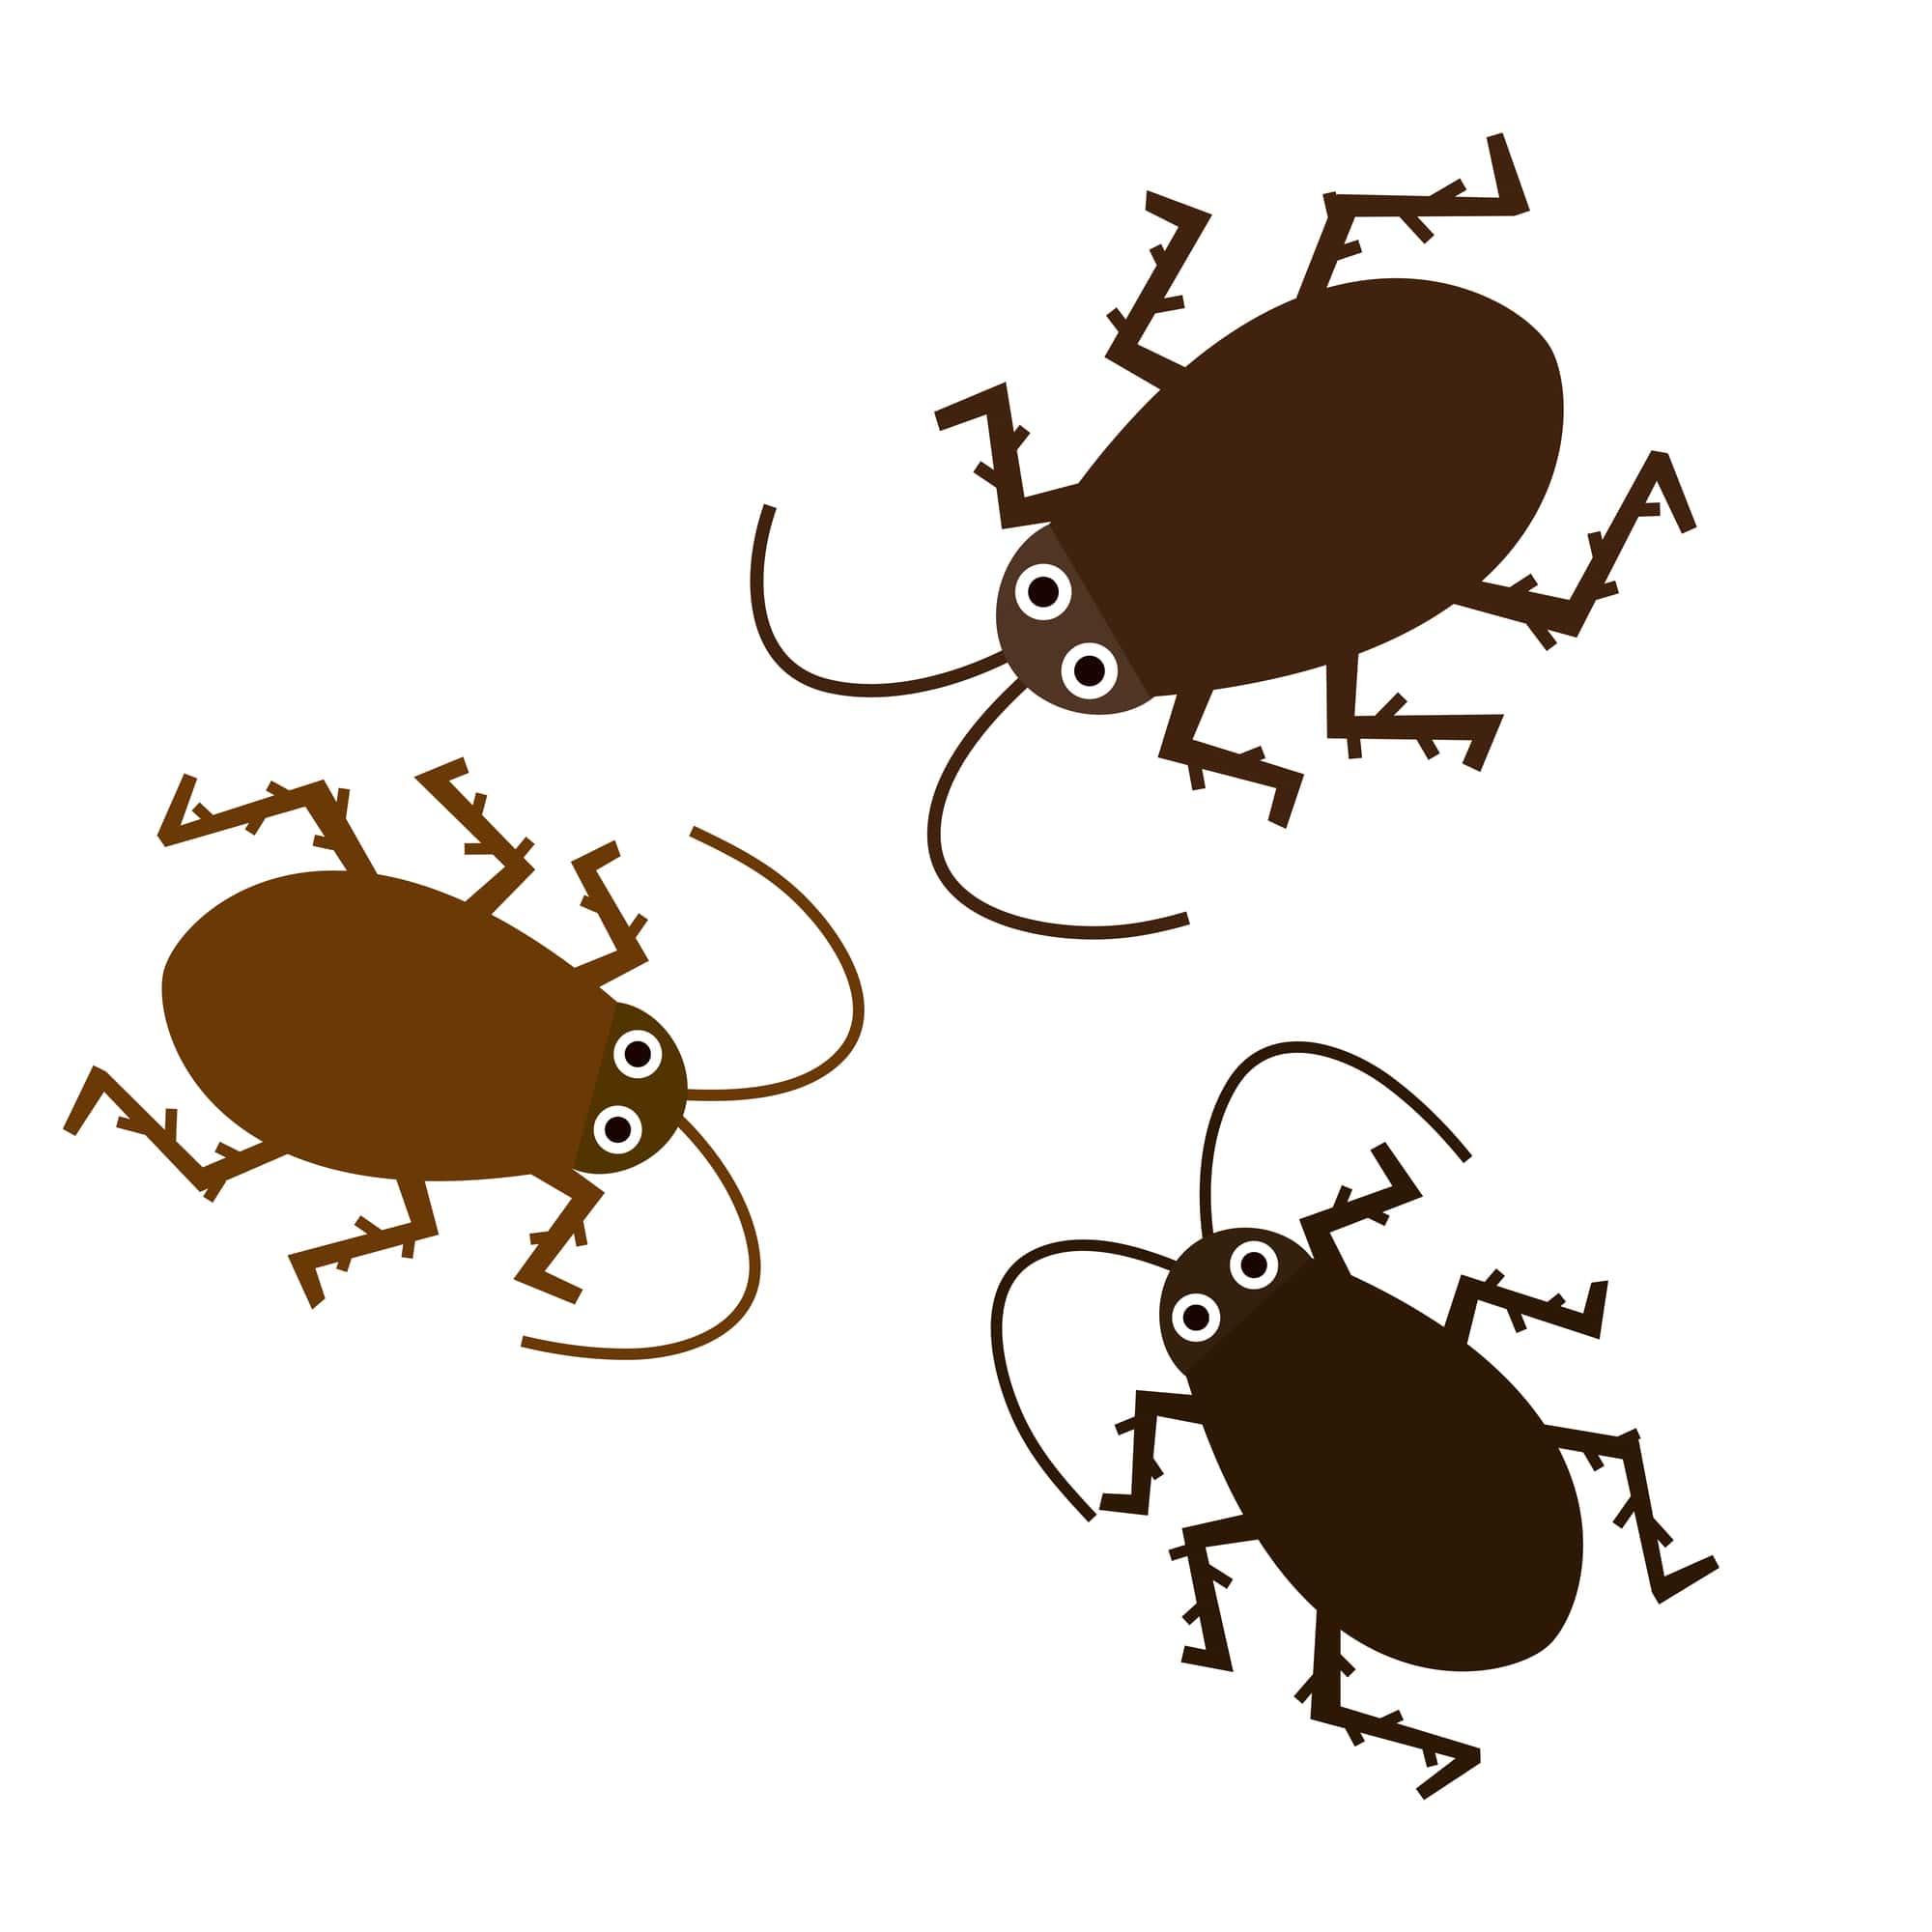 害虫イメージ